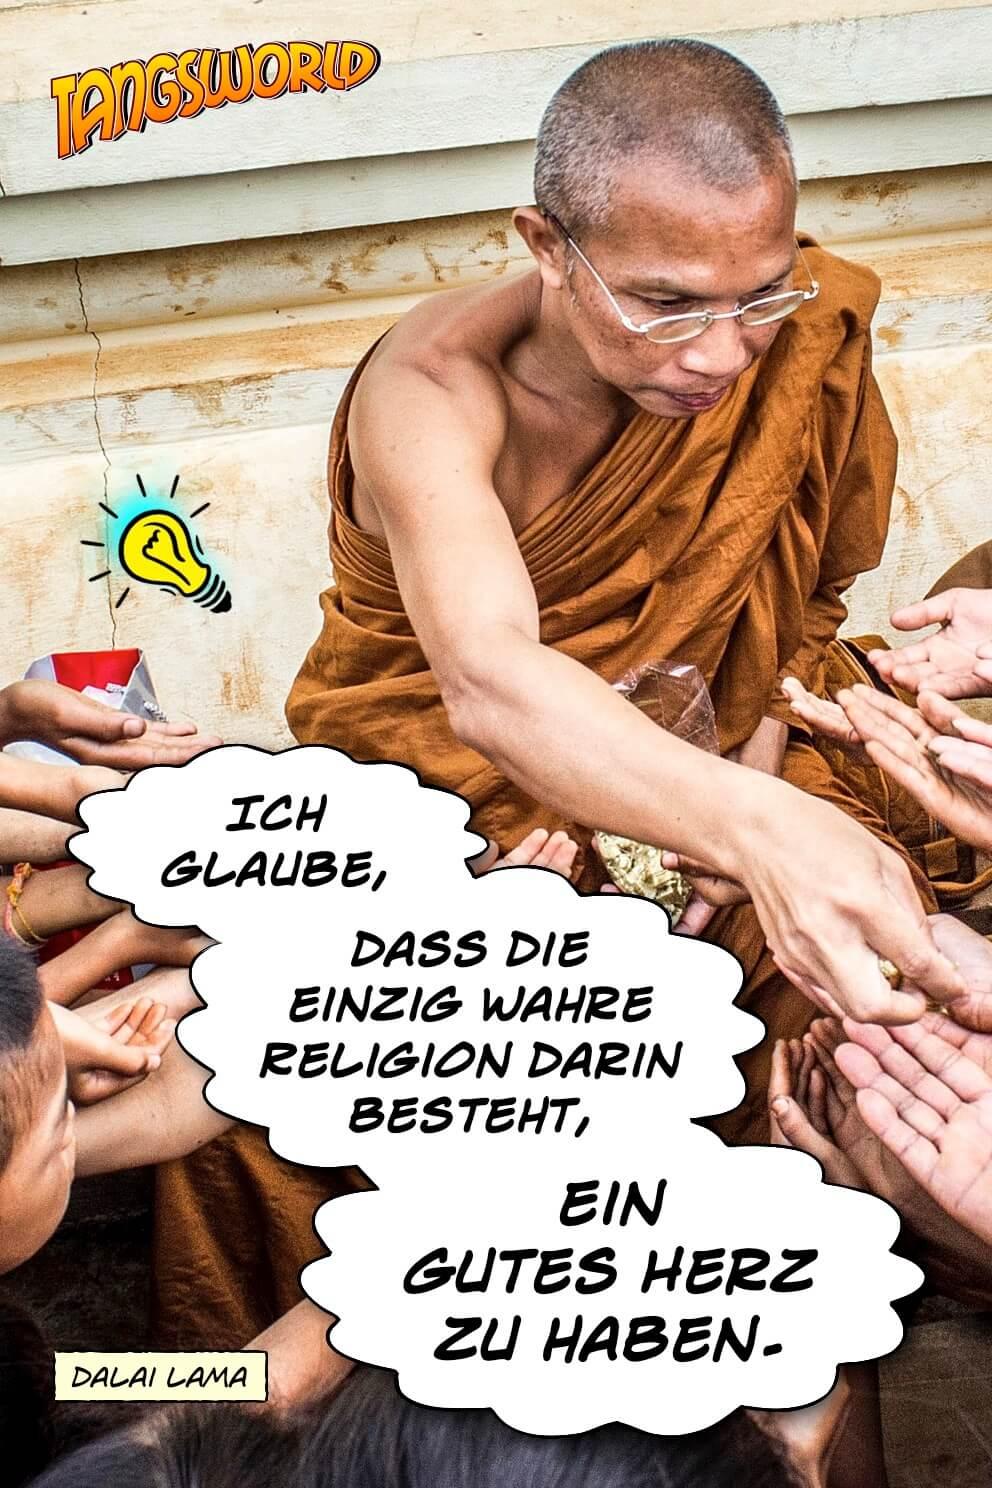 Ich glaube, dass die einzig wahre Religion darin besteht, ein gutes Herz zu haben. - Geistesblitze | Dalai Lama